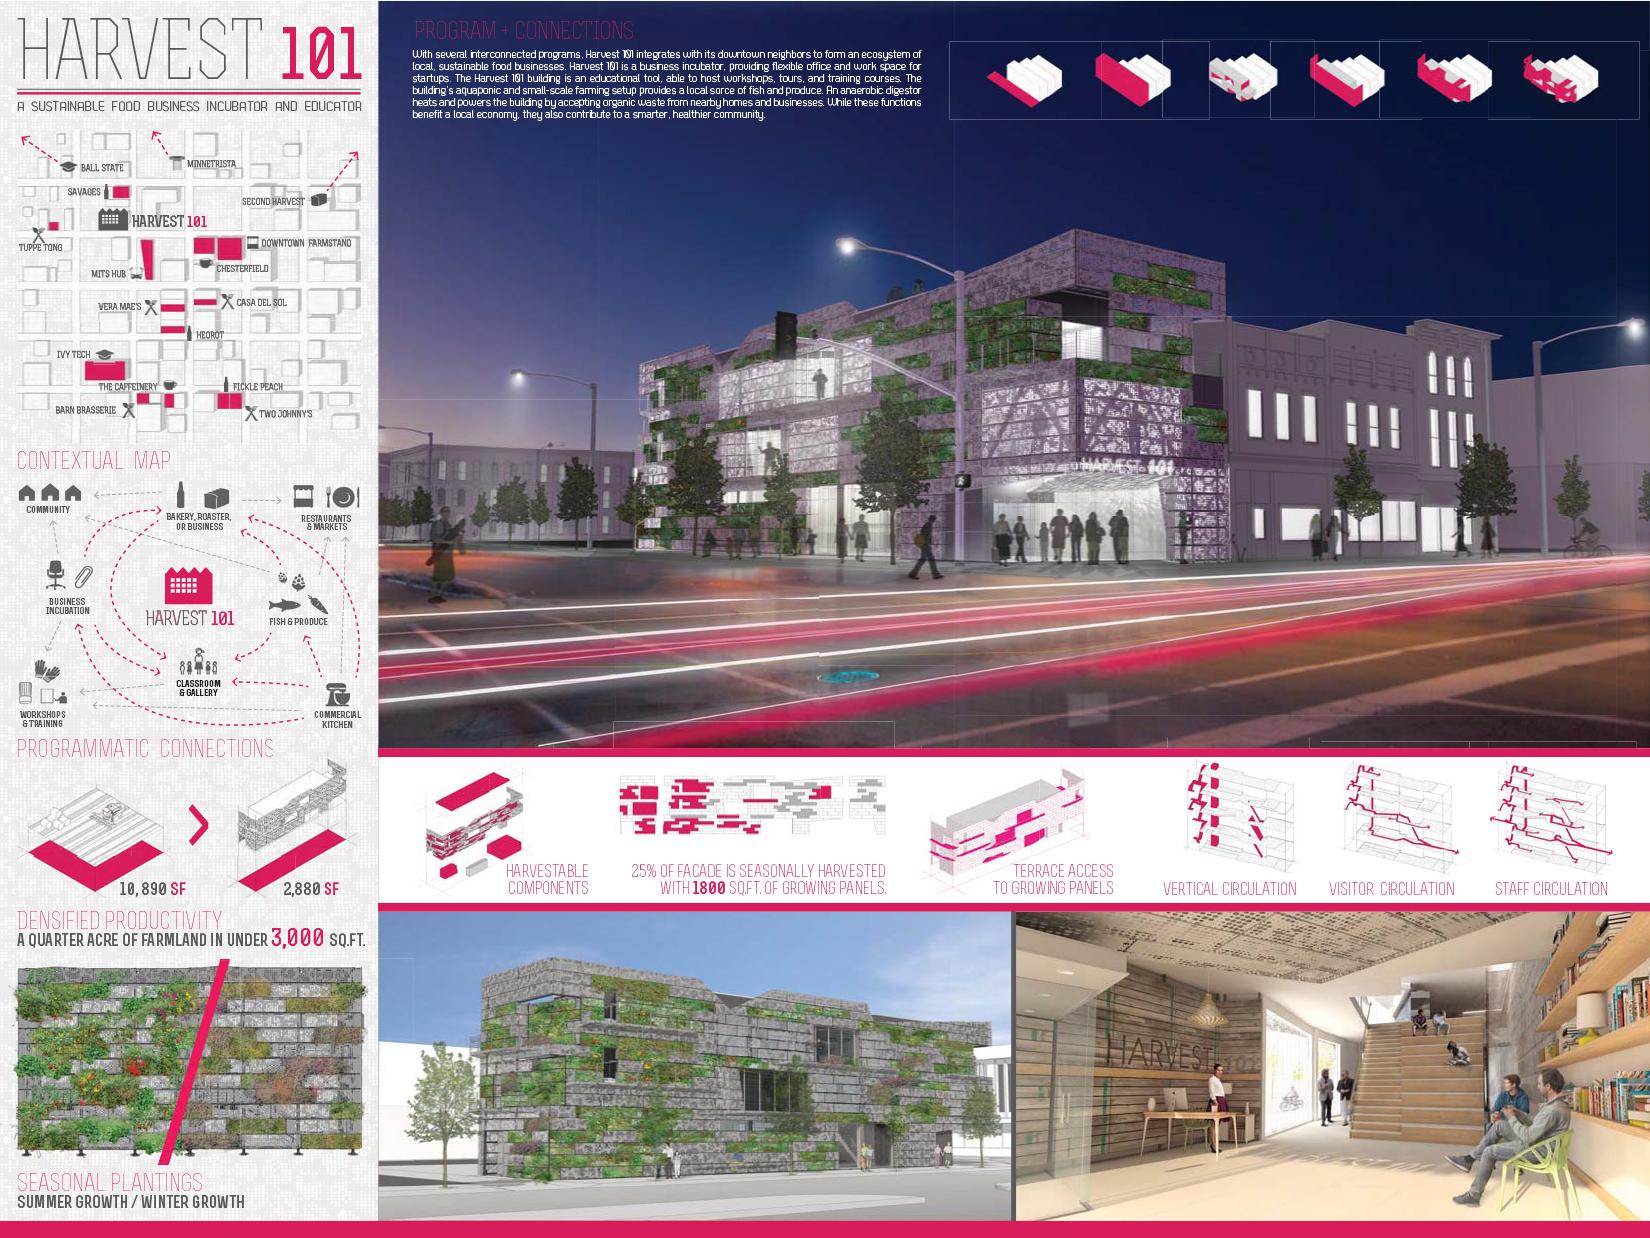 ARCH501-2014-shimizu-m_gastineau-02.jpg